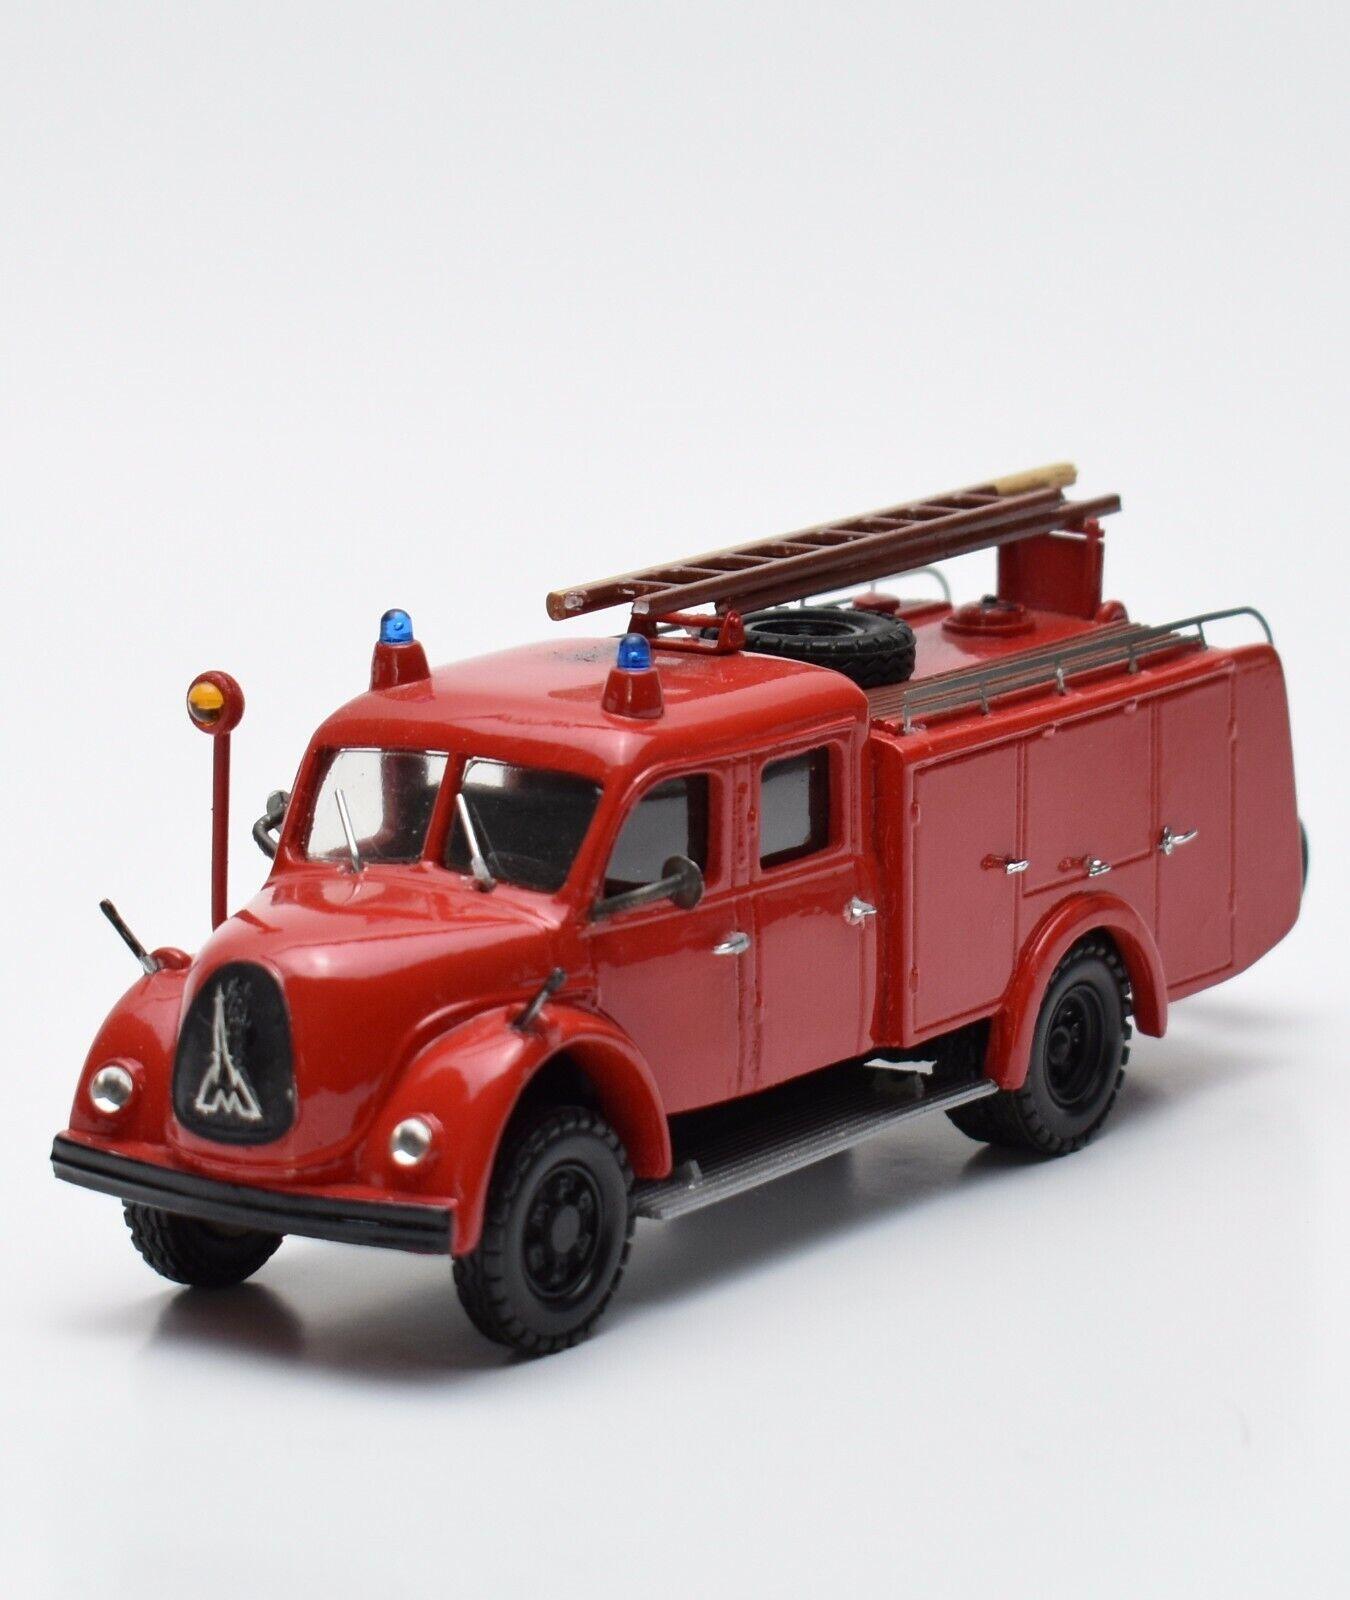 edición limitada en caliente Danhauser Magirus Deutz camiones bomberos desfile desfile desfile n.26 mano modelo de trabajo, 1 43, v004  Los mejores precios y los estilos más frescos.